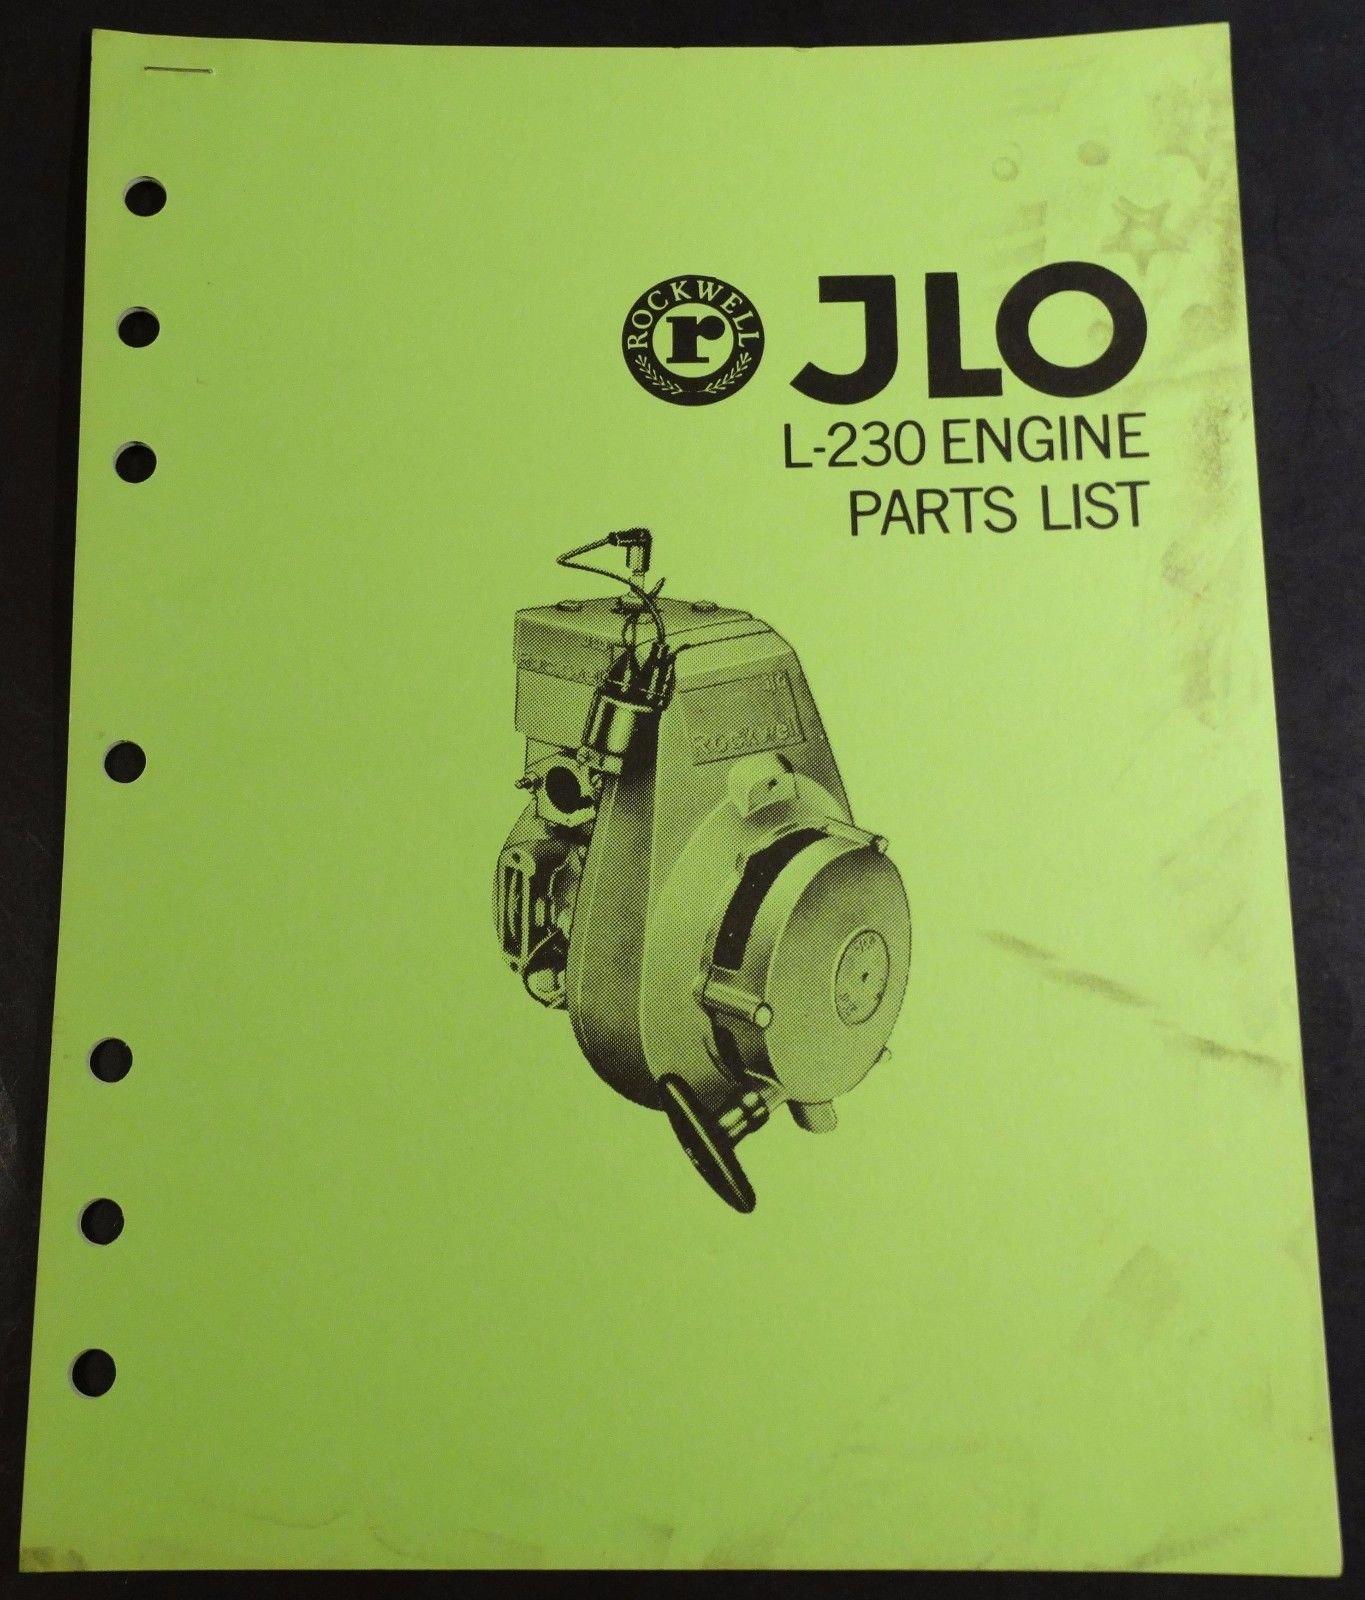 VINTAGE RUPP SNOWMOBILE JLO L-230 ENGINE PARTS LIST MANUAL (804